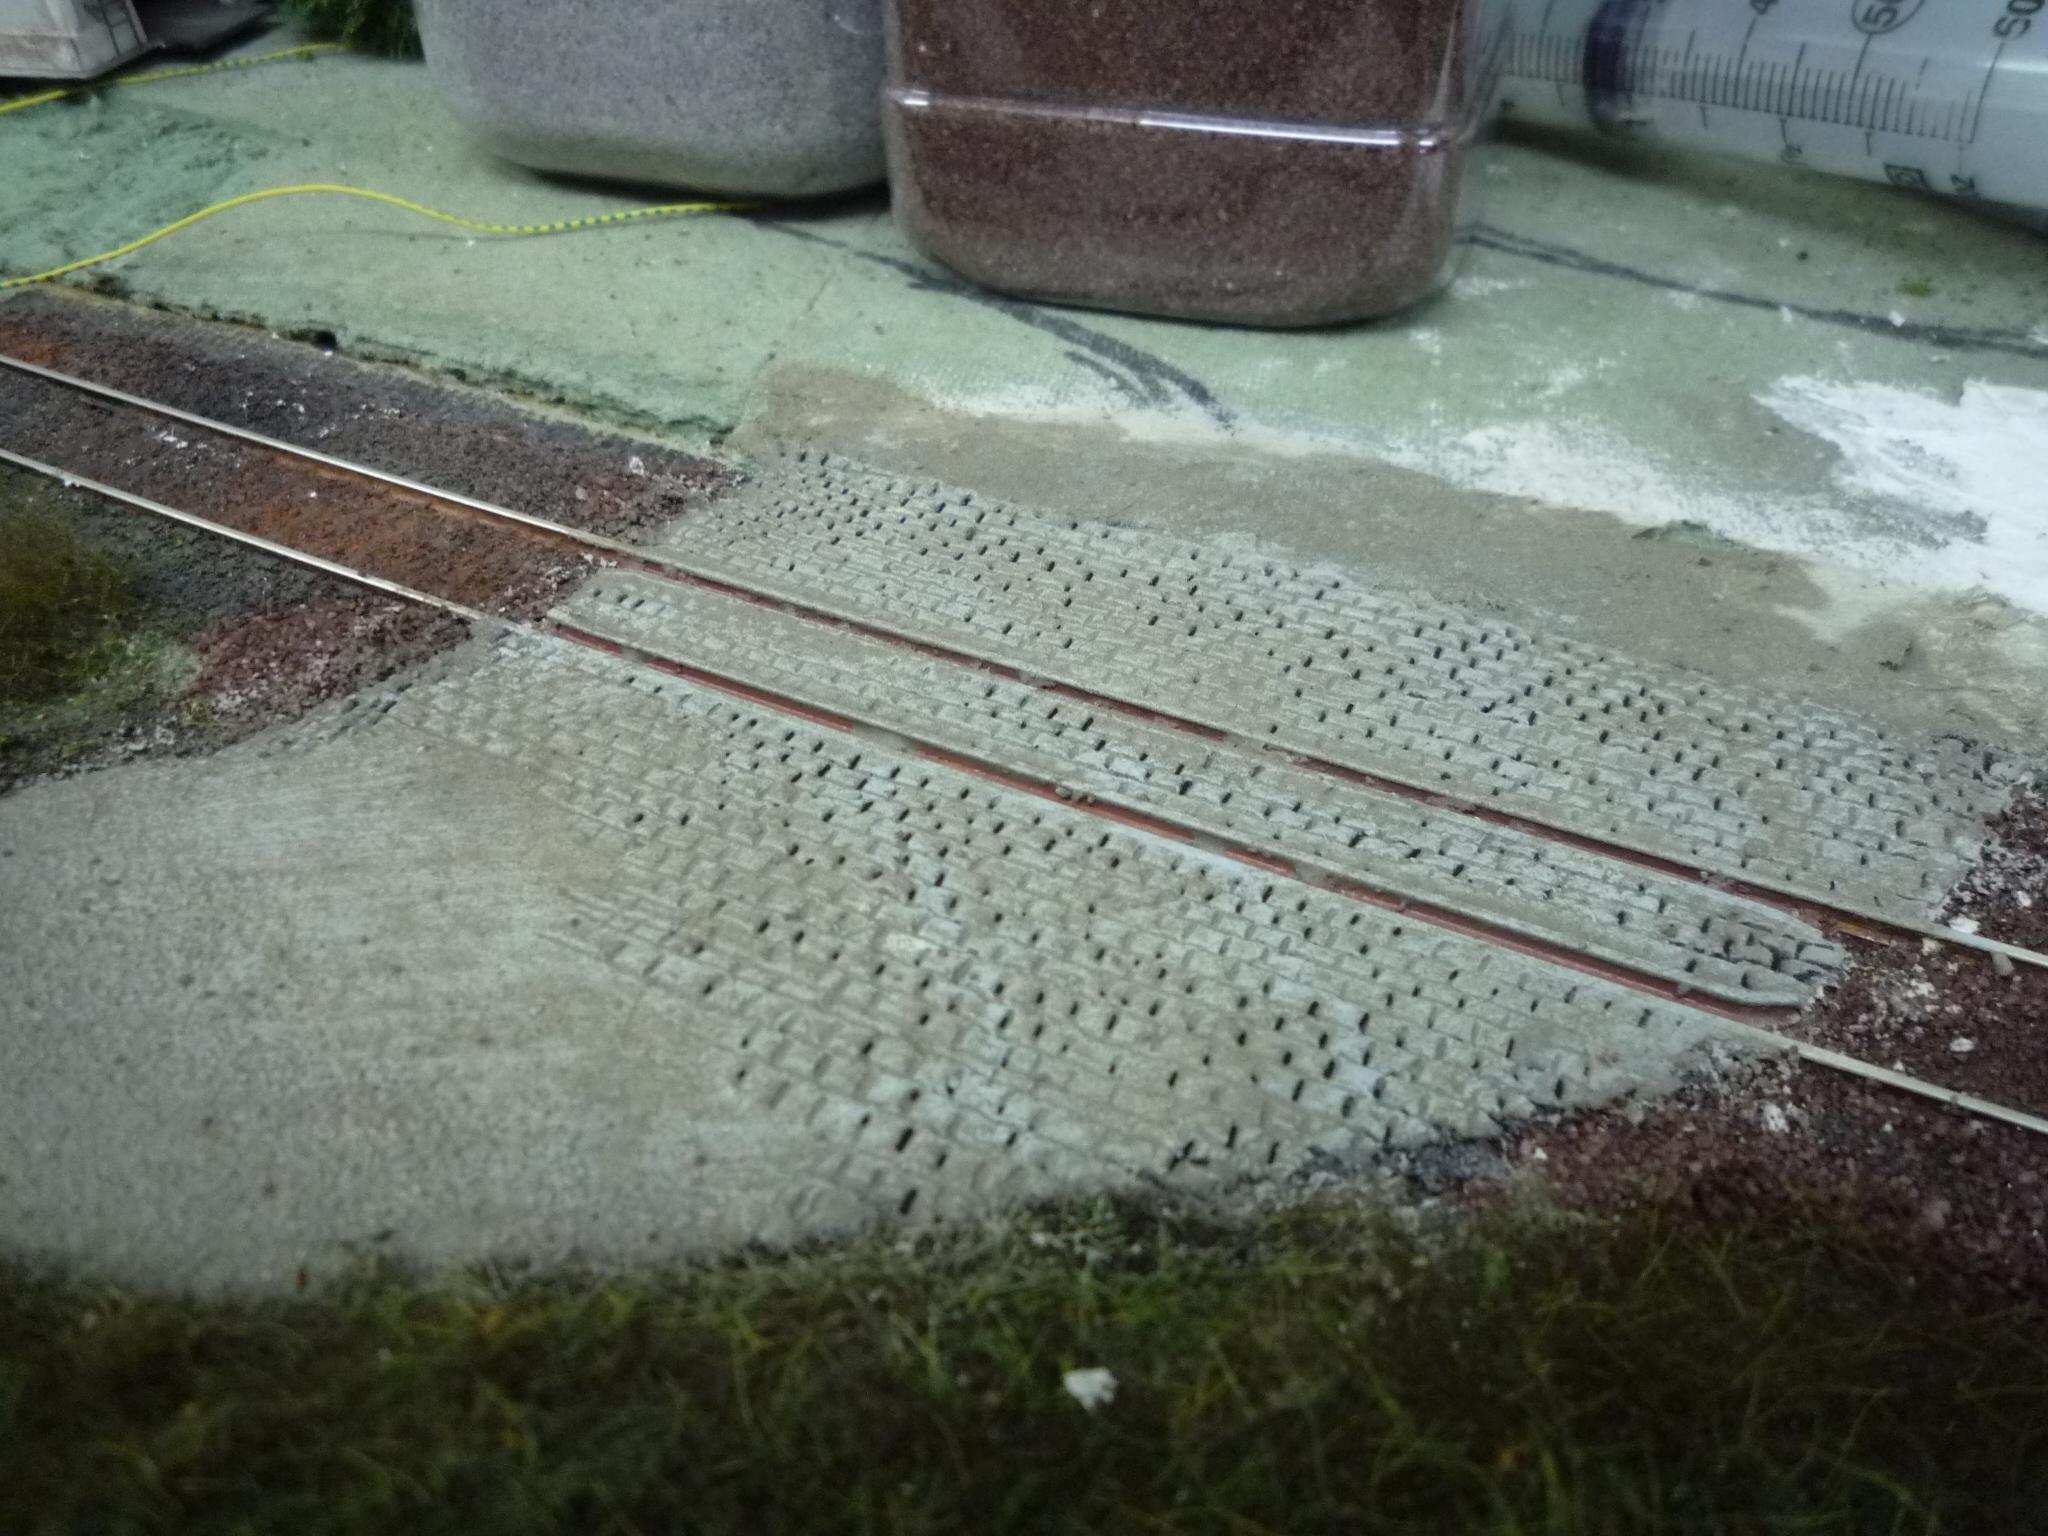 Quais ho comment faire le train de jules - Peindre des paves autobloquants ...